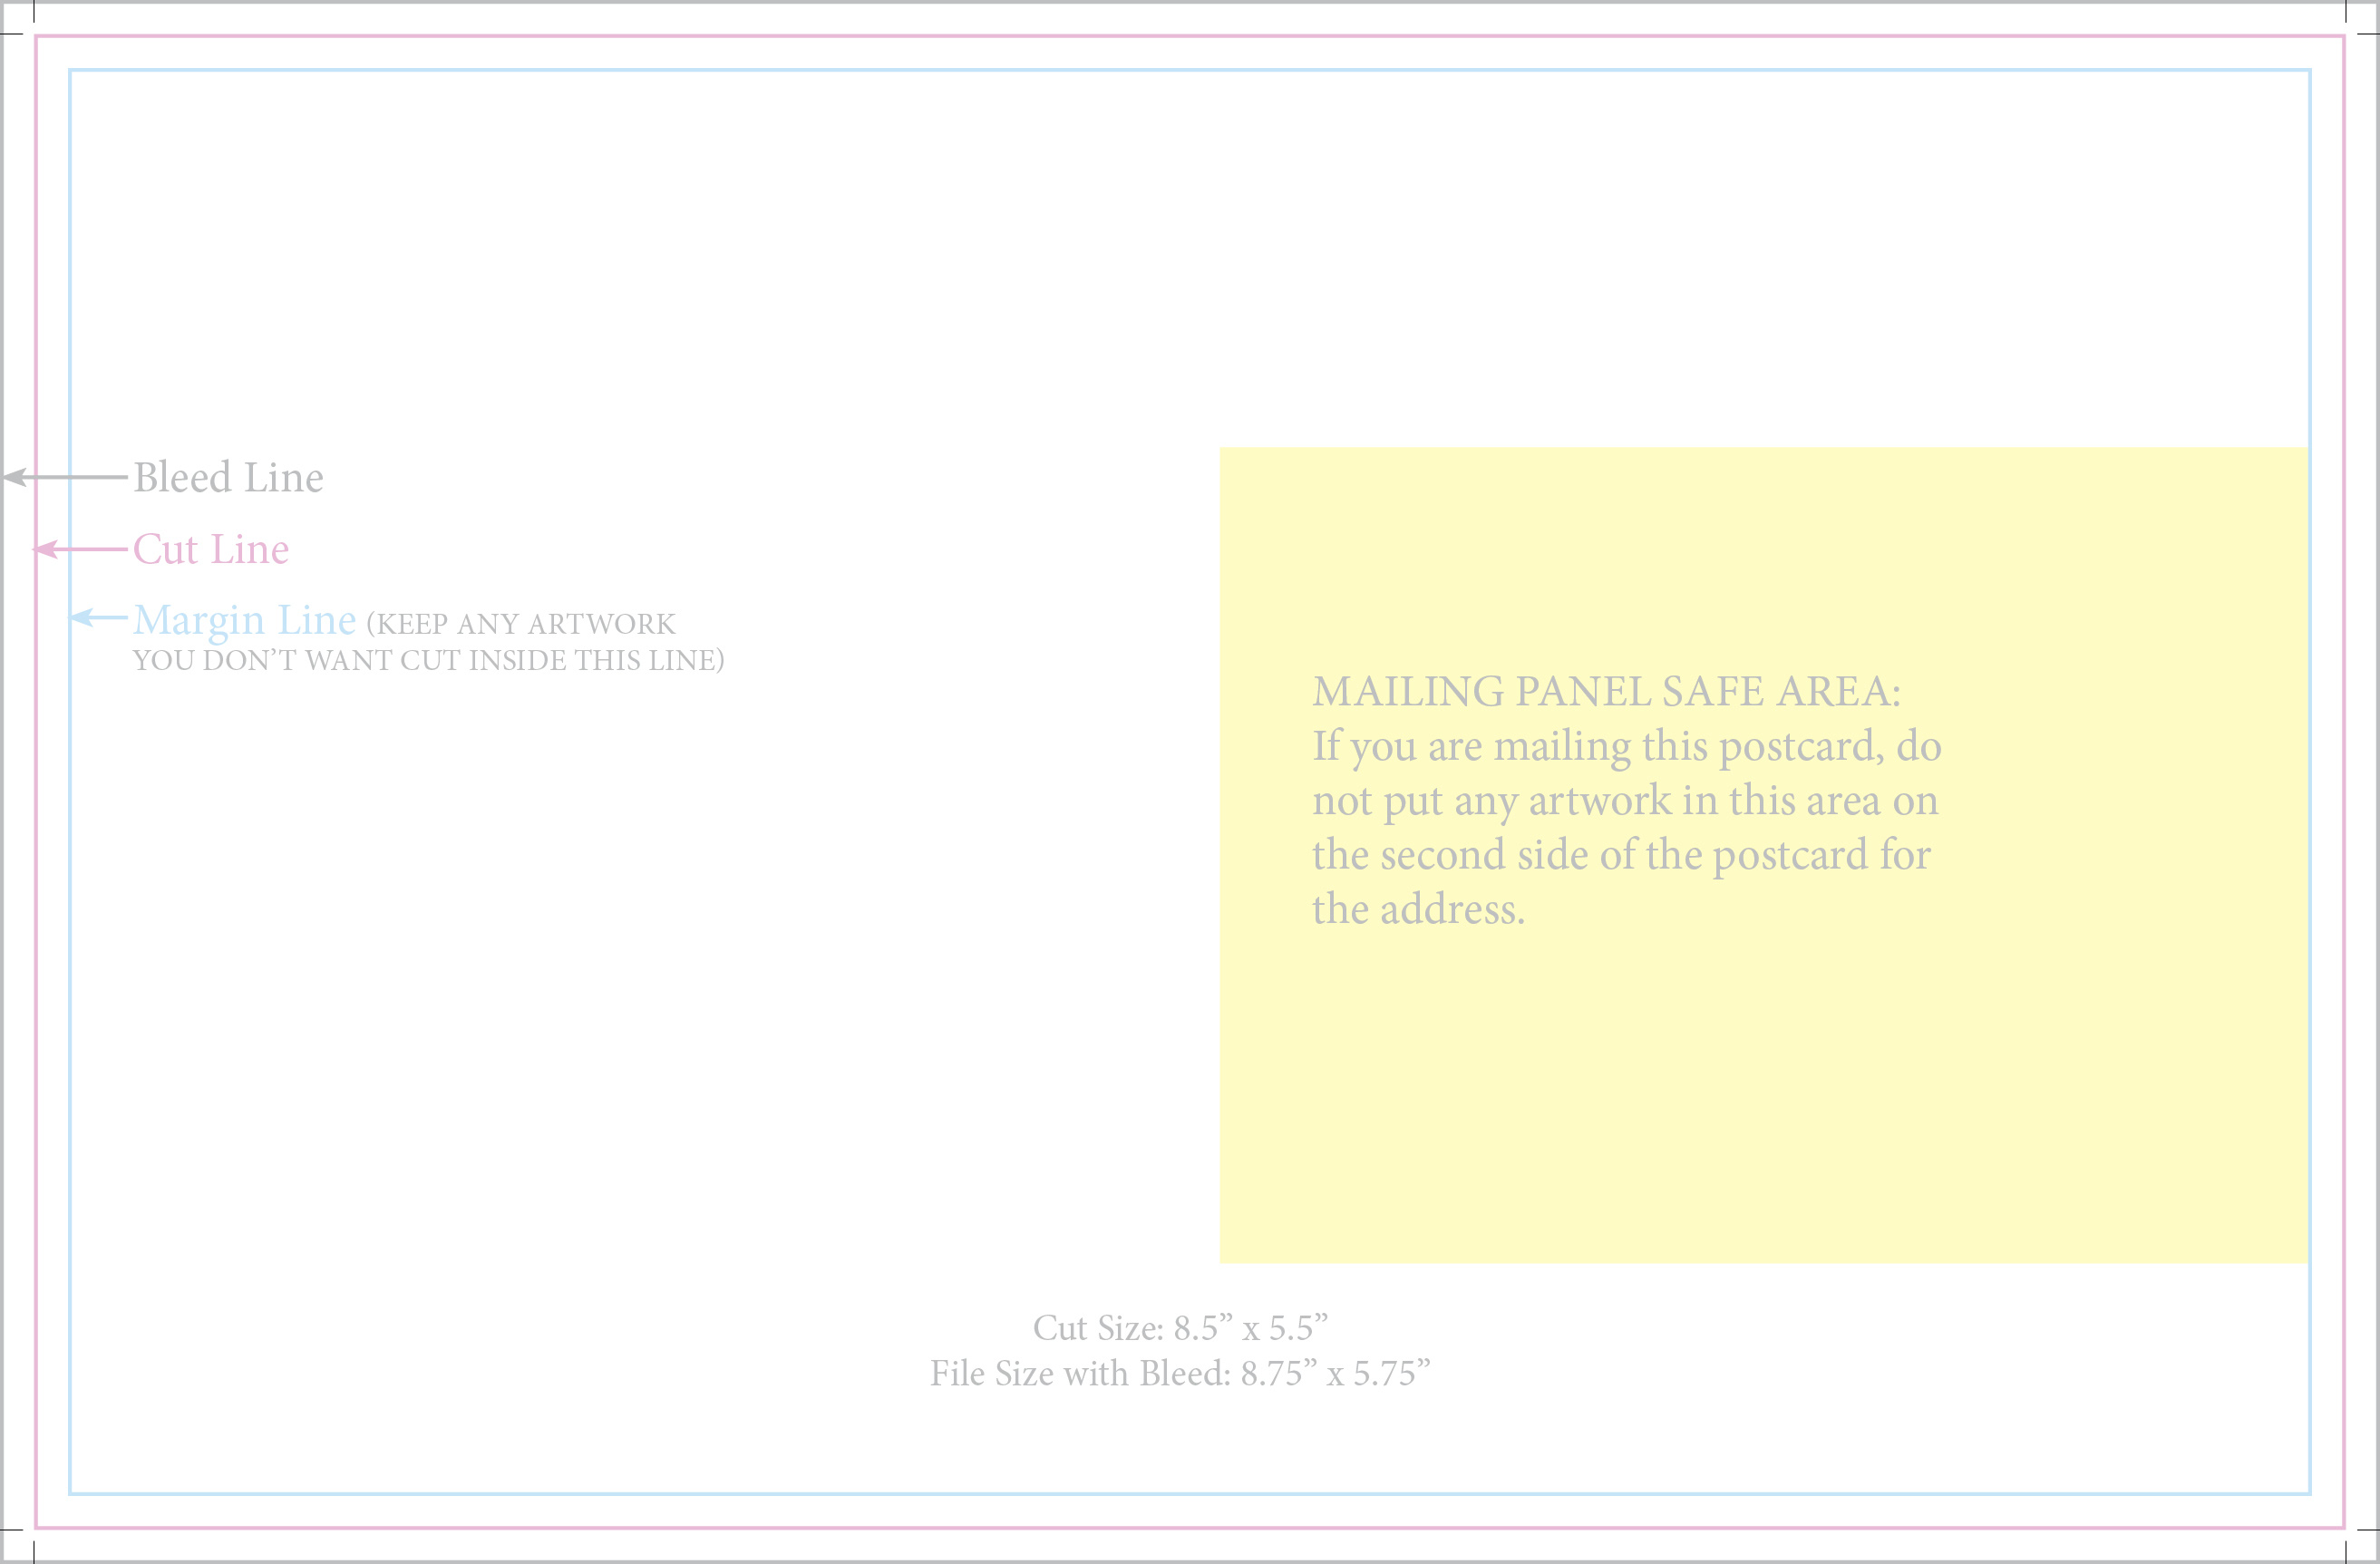 indesign templates business cards business card sample. Black Bedroom Furniture Sets. Home Design Ideas